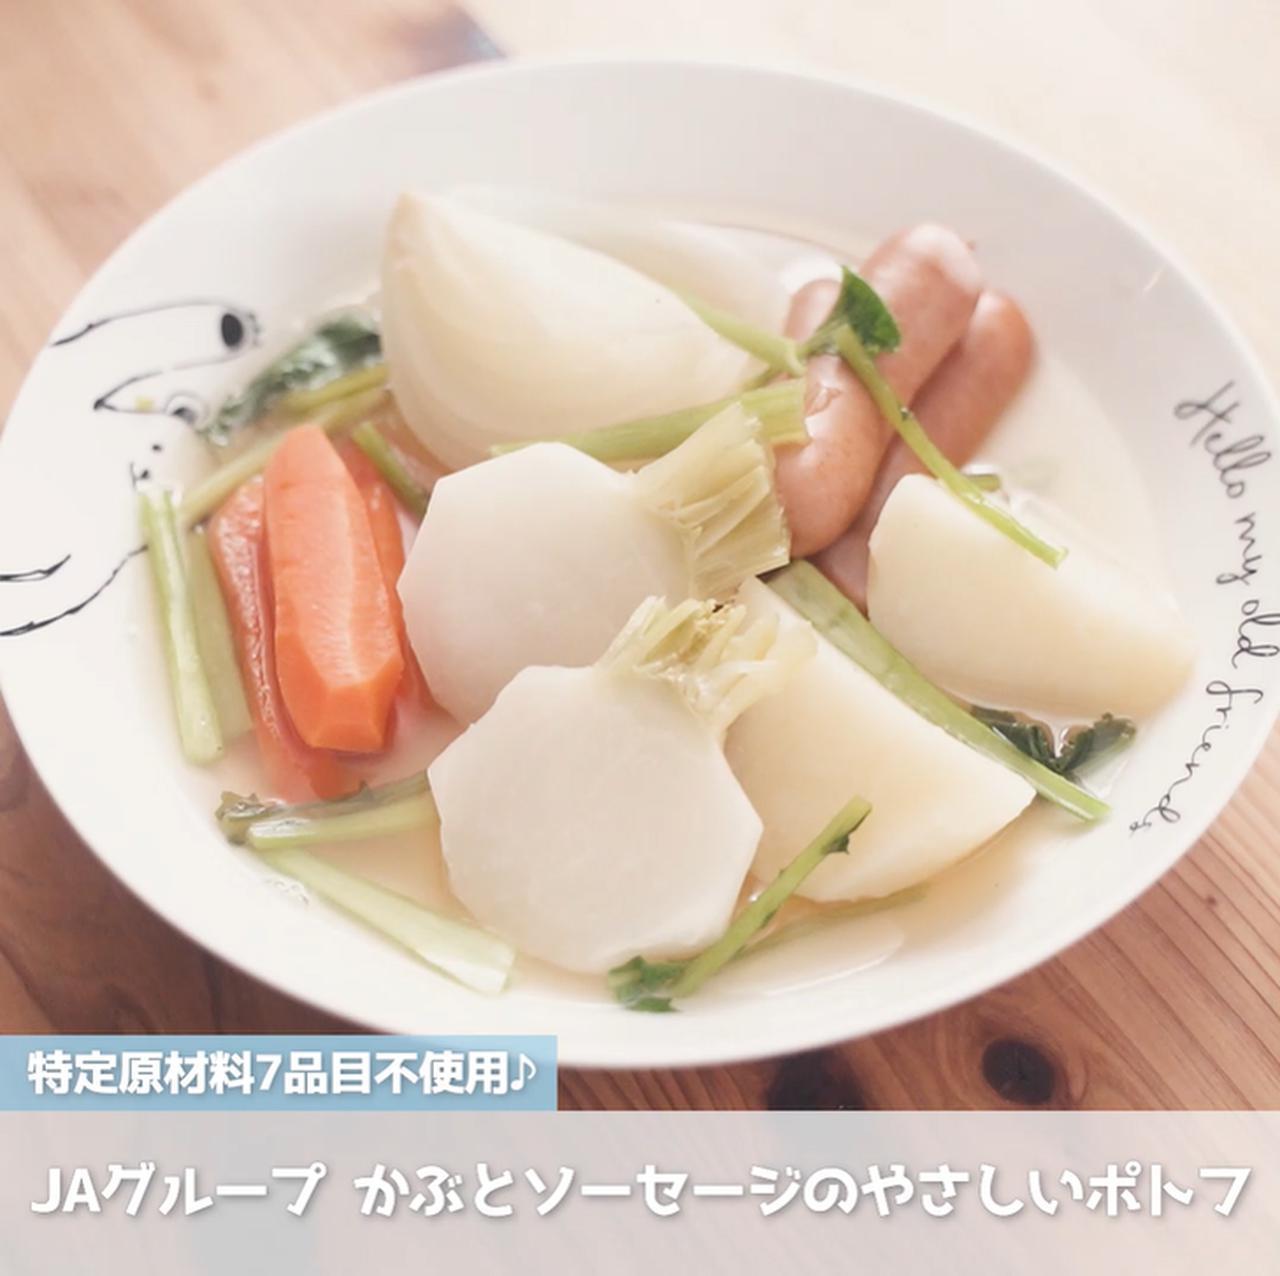 画像: 野菜がいっぱい!かぶとソーセージのポトフ - 君とごはん